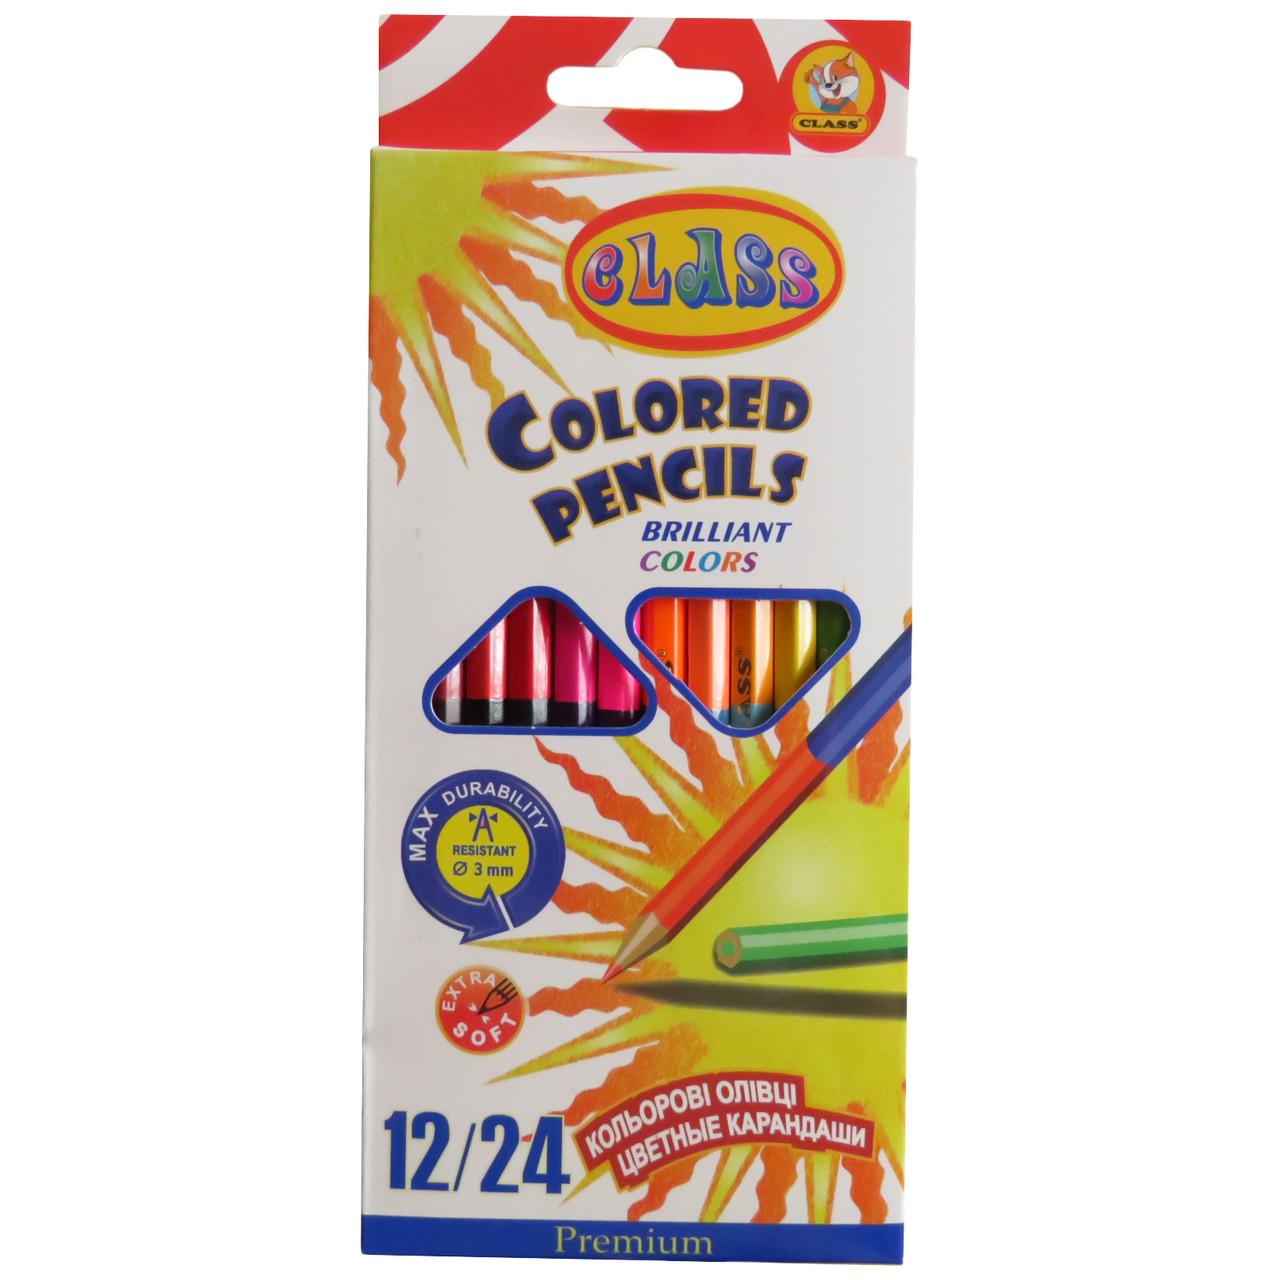 Карандаши цветные двусторонние Class 1612/24/2 12 штук 24 цвета